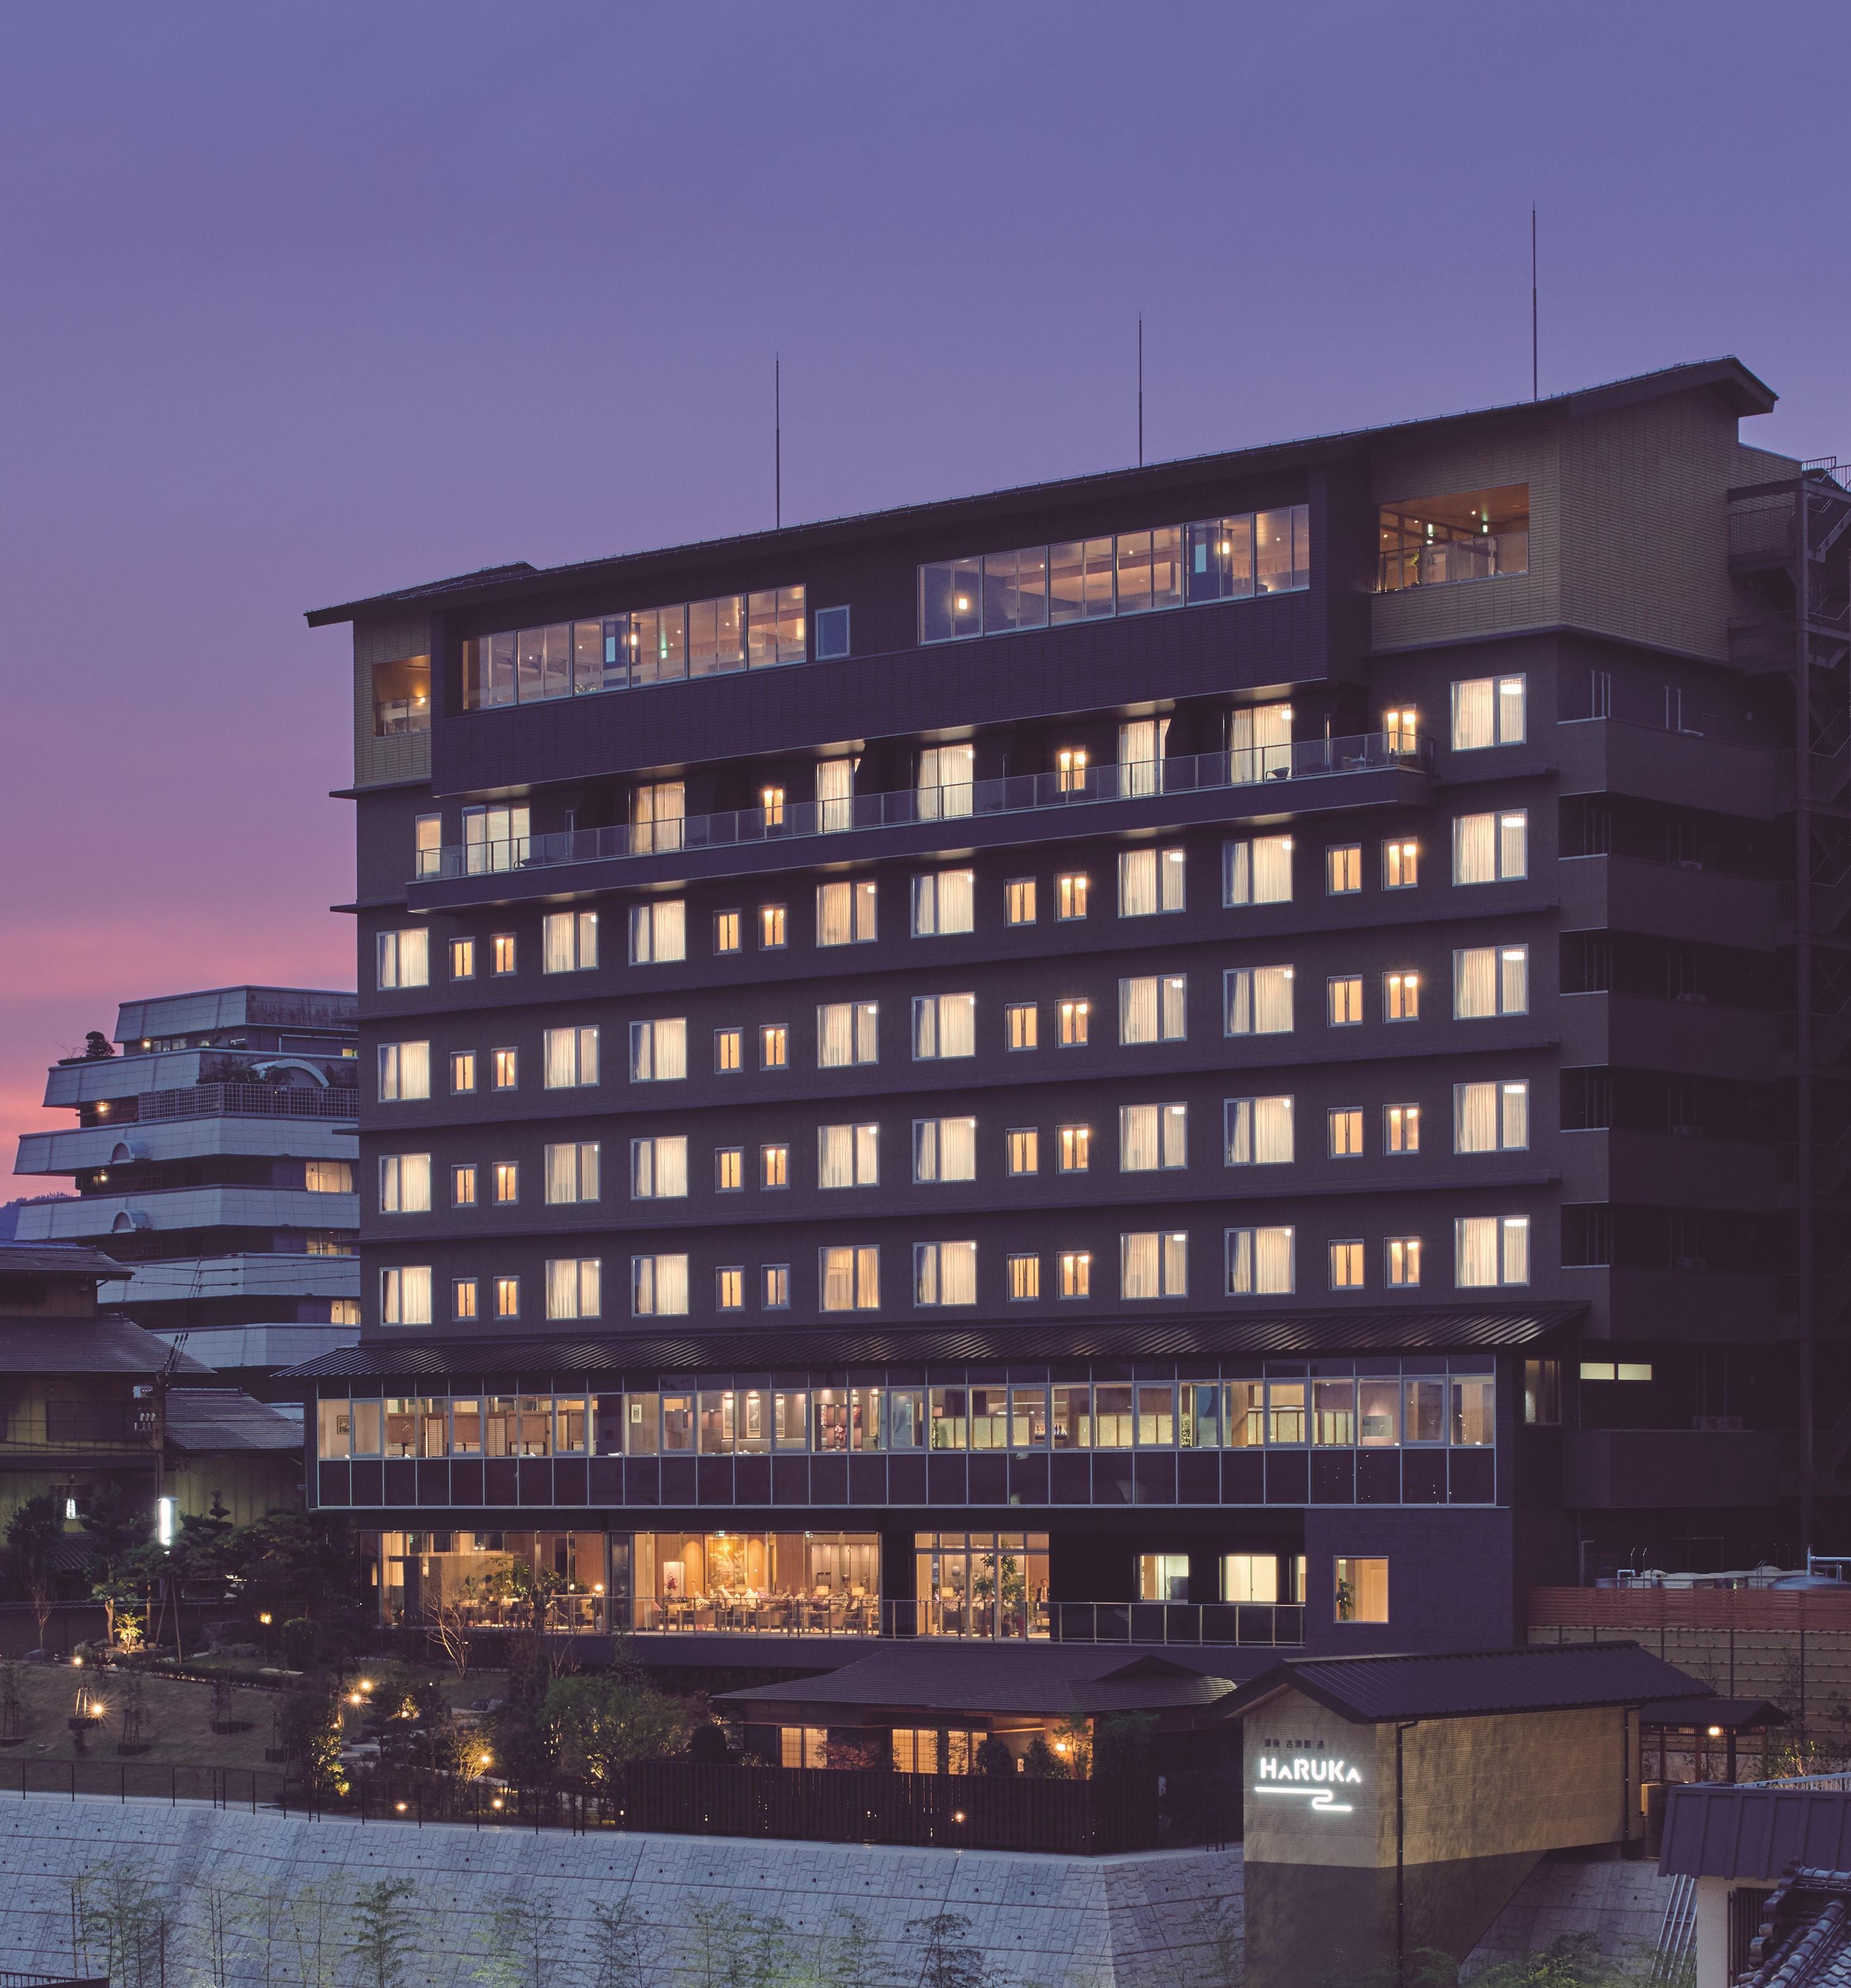 道後温泉 ホテル古湧園 遥 image